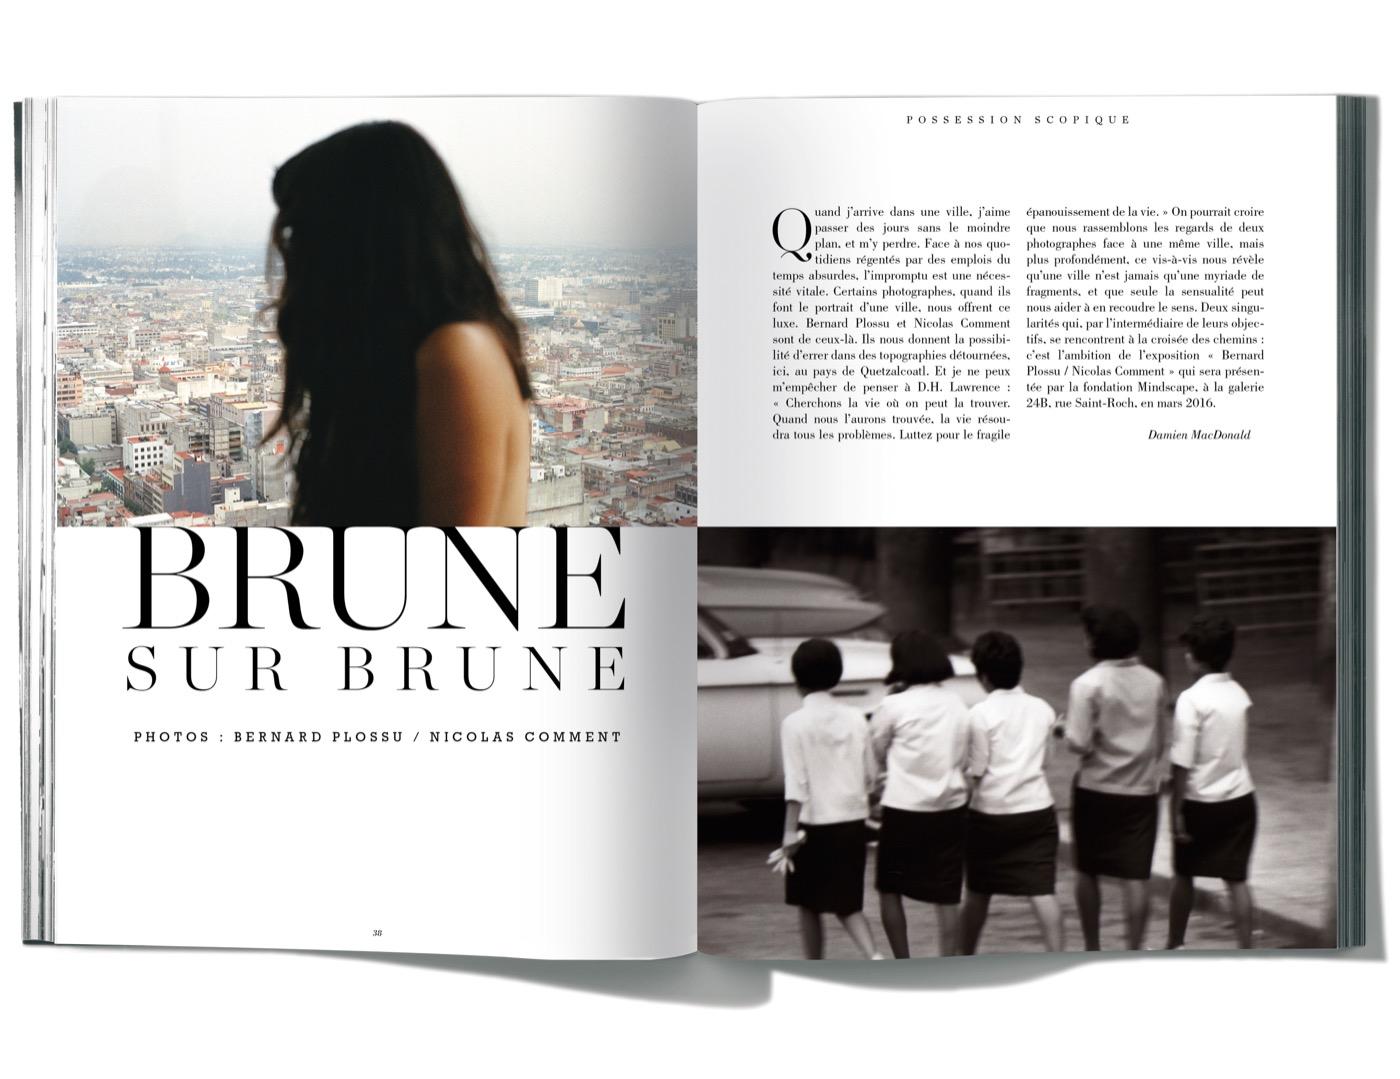 Photographies de Bernard Plossu et Nicolas Comment, Brune sur brune